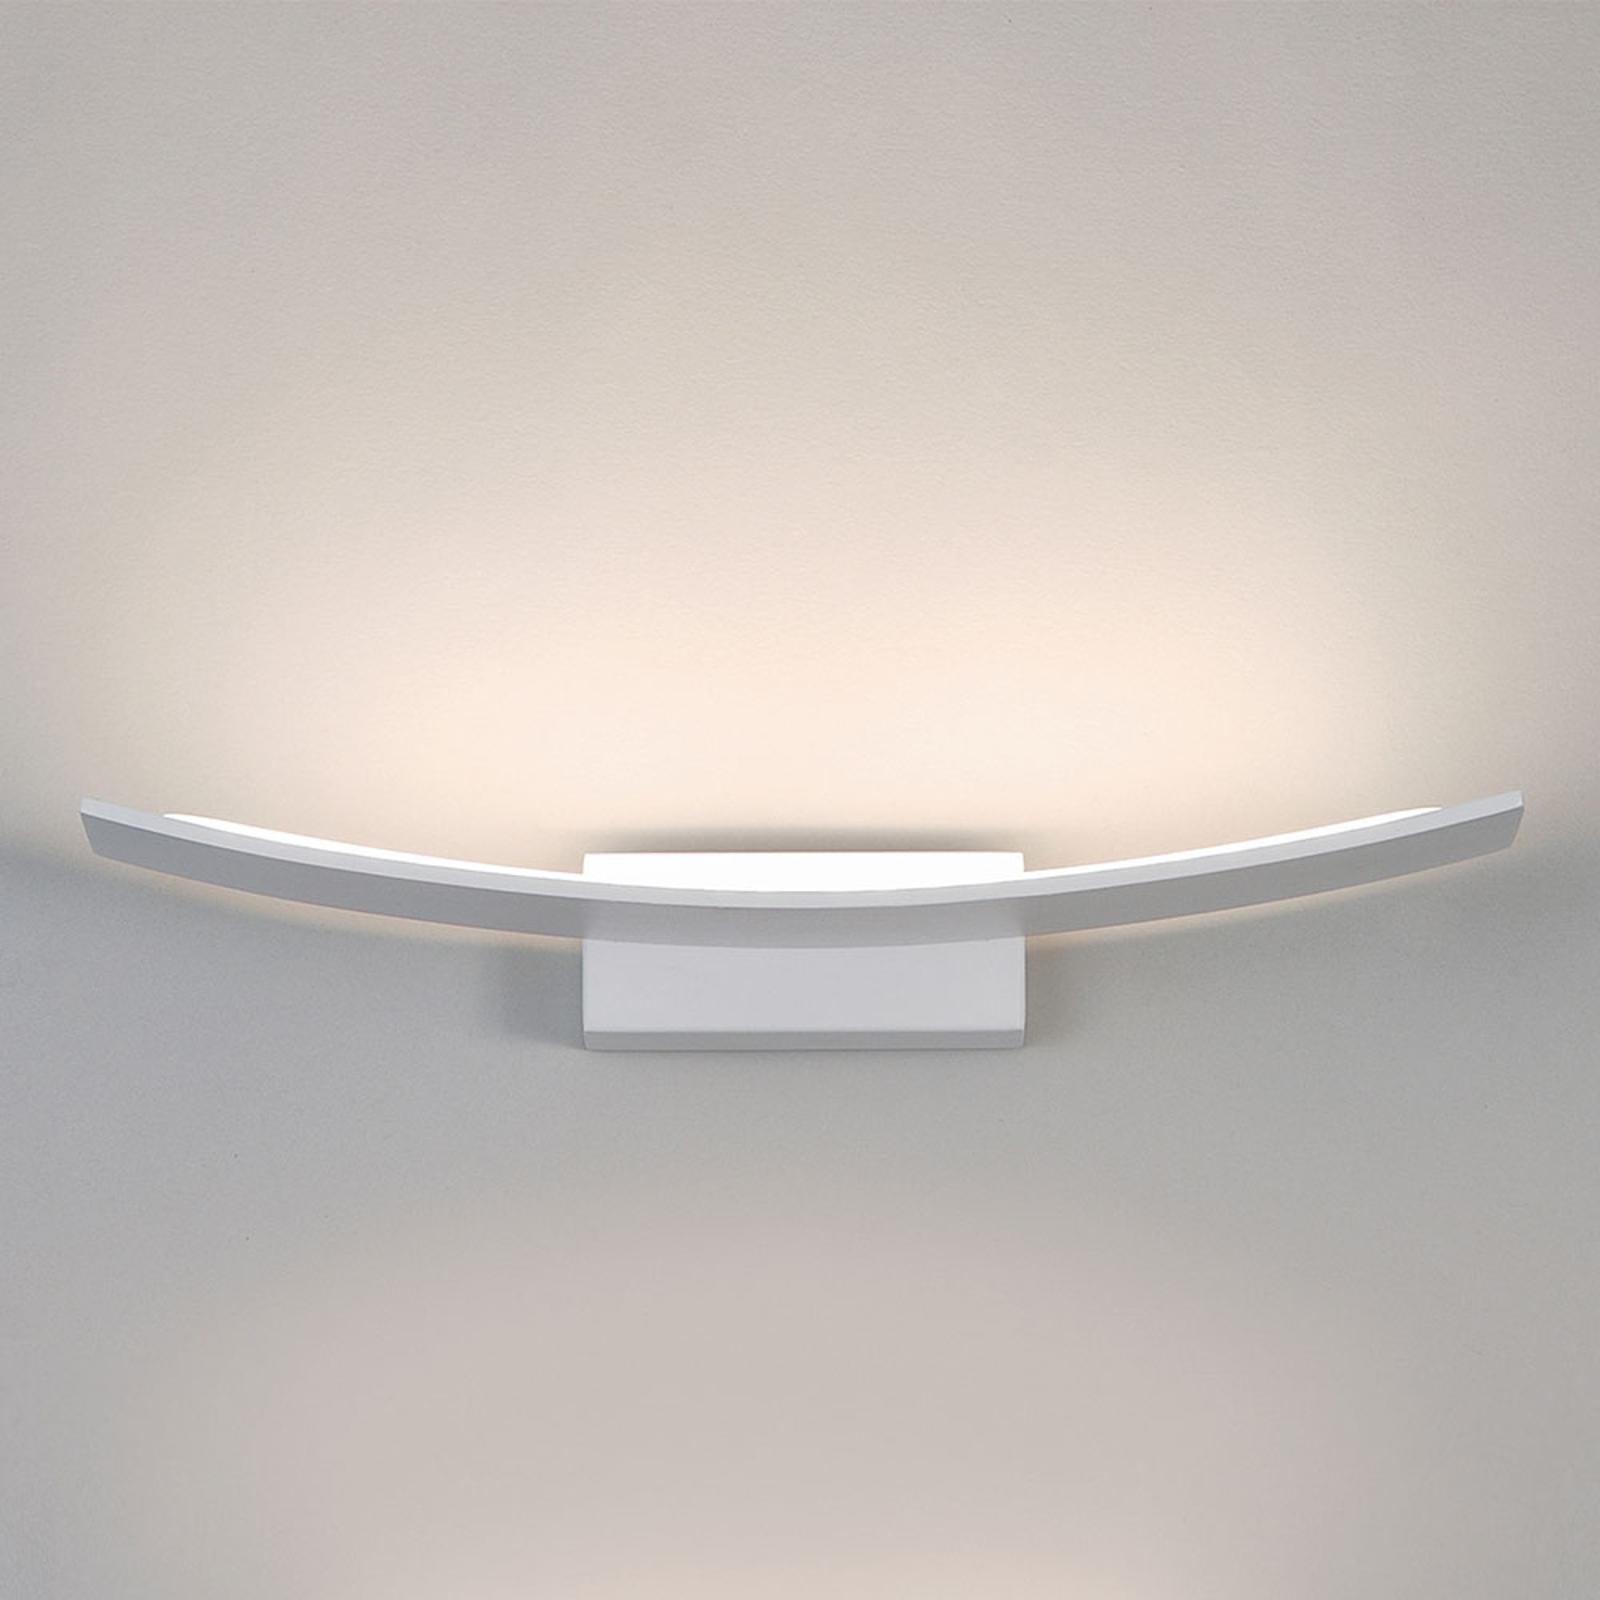 Applique LED Pluma, bianco